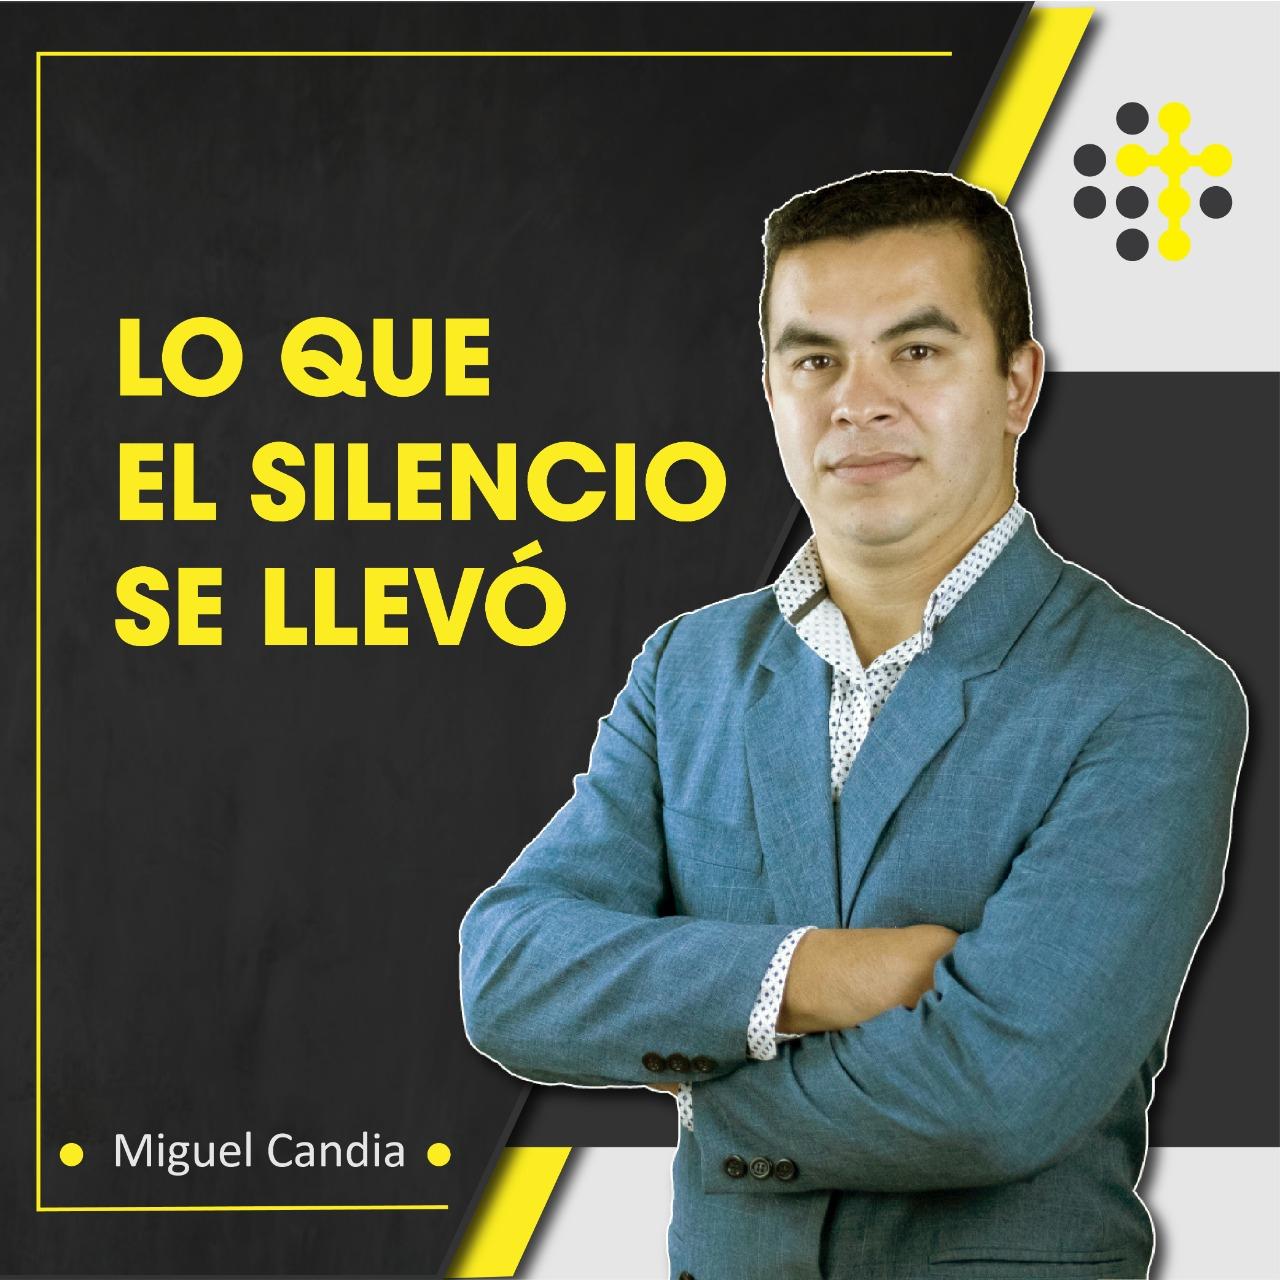 Lo que el silencio se llevó - Orador: Miguel Candia